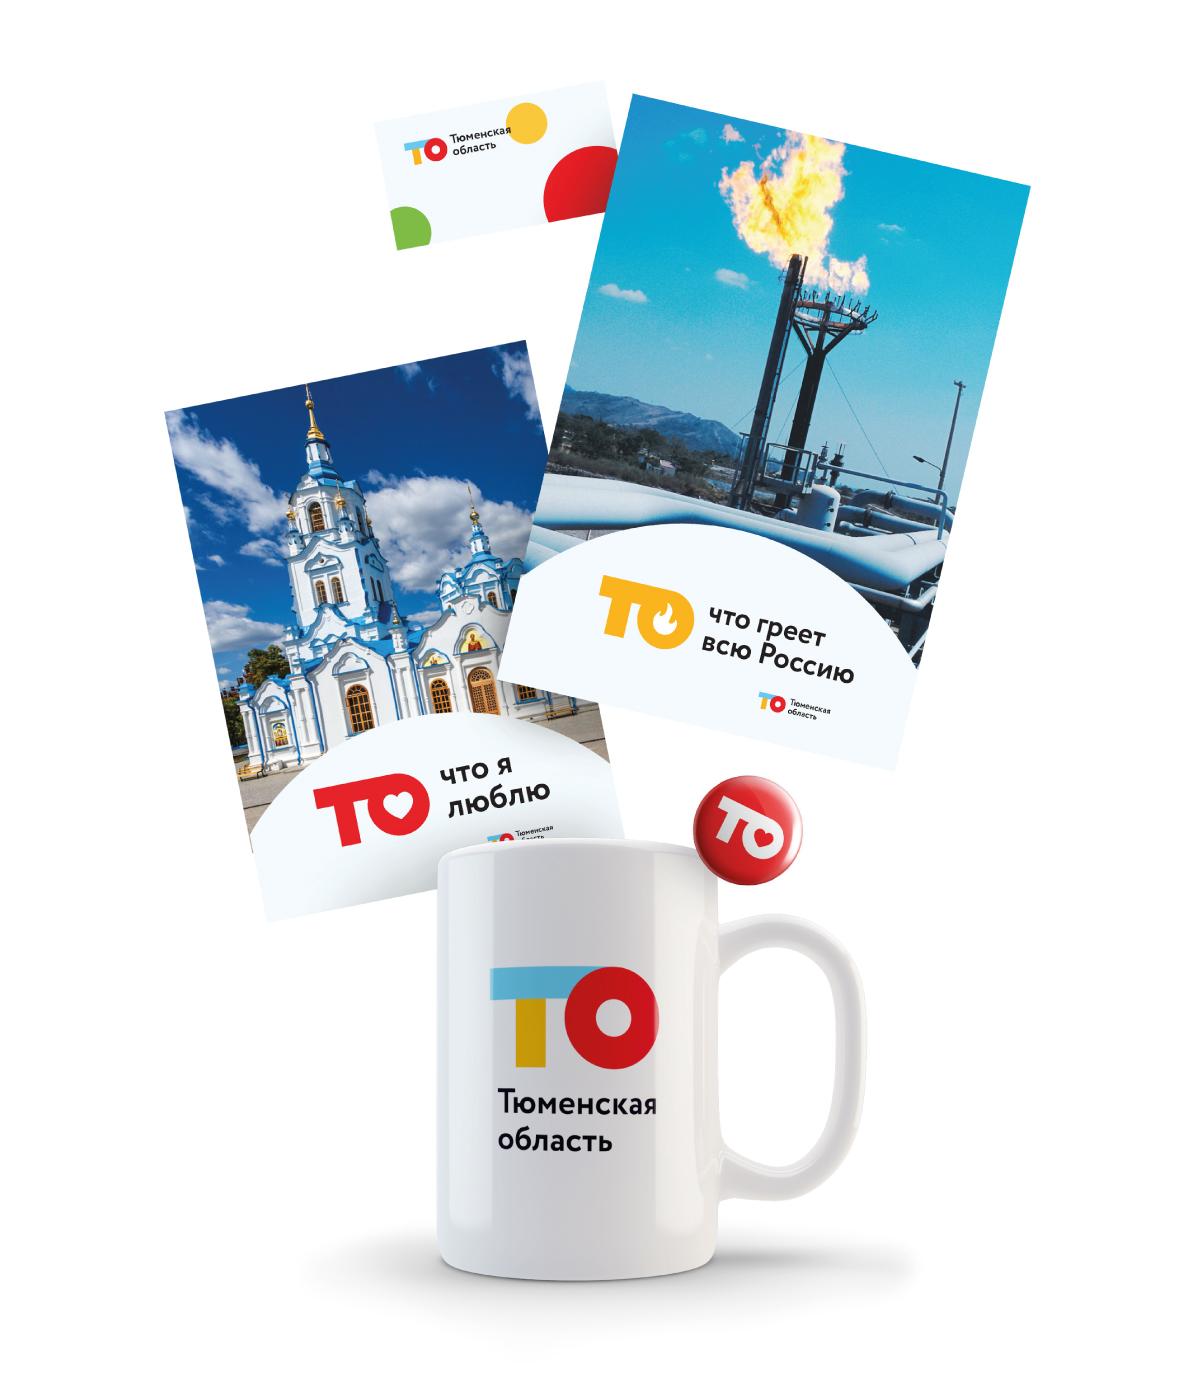 Объявлен победитель конкурса налучший туристический знак Тюменской области